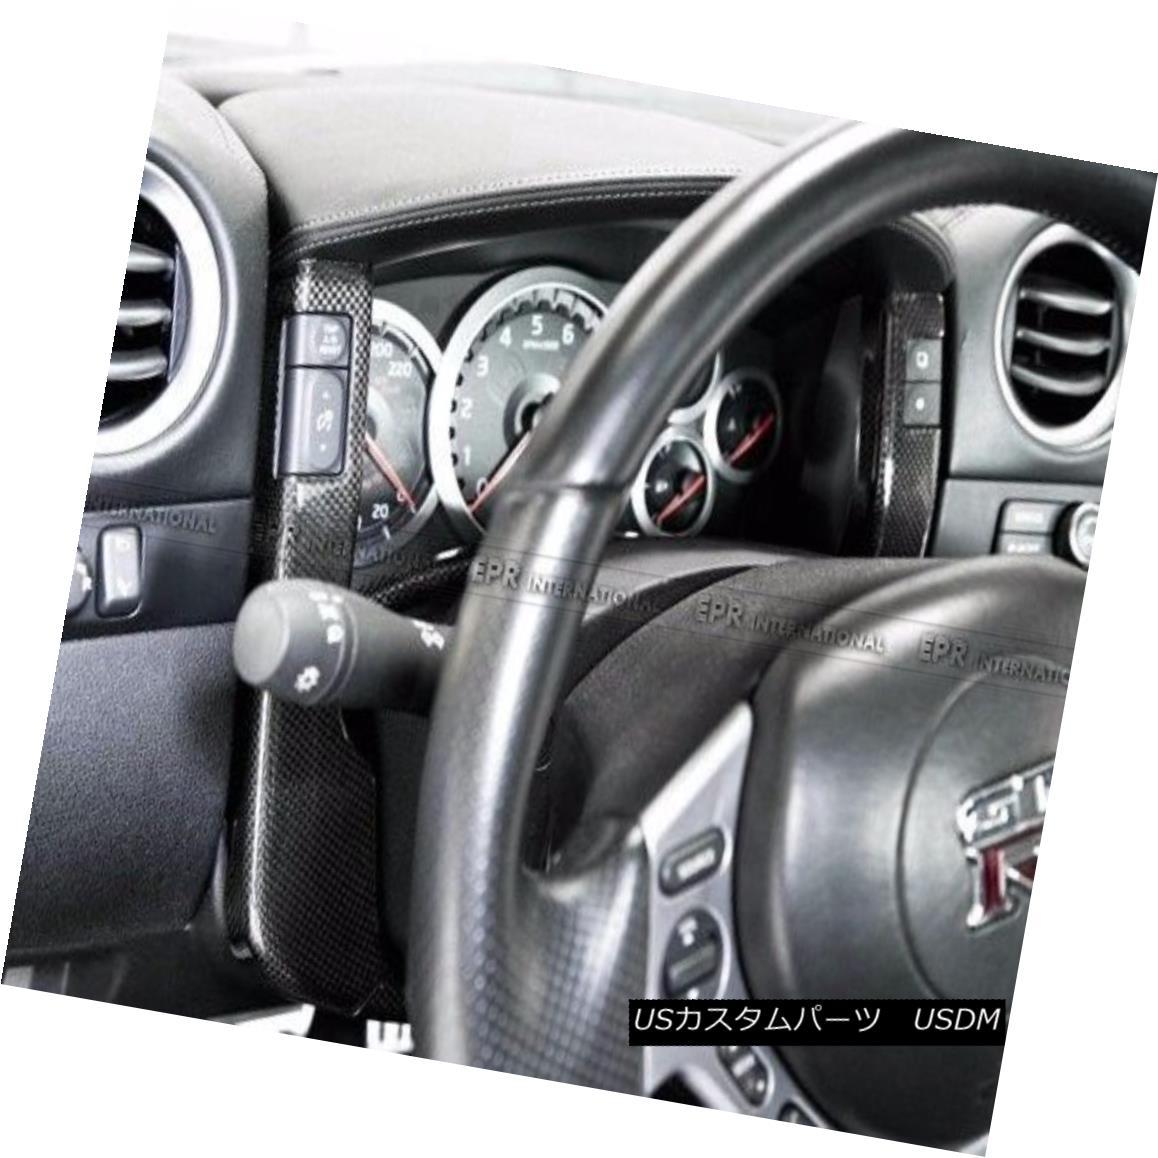 エアロパーツ Center Gauge Bezel Cover Set (2 pcs)(LHD) Trim For Nissan R35 GTR Carbon Fiber 日産R35 GTRカーボンファイバー用センターゲージベゼルカバーセット(2個)(LHD)トリム